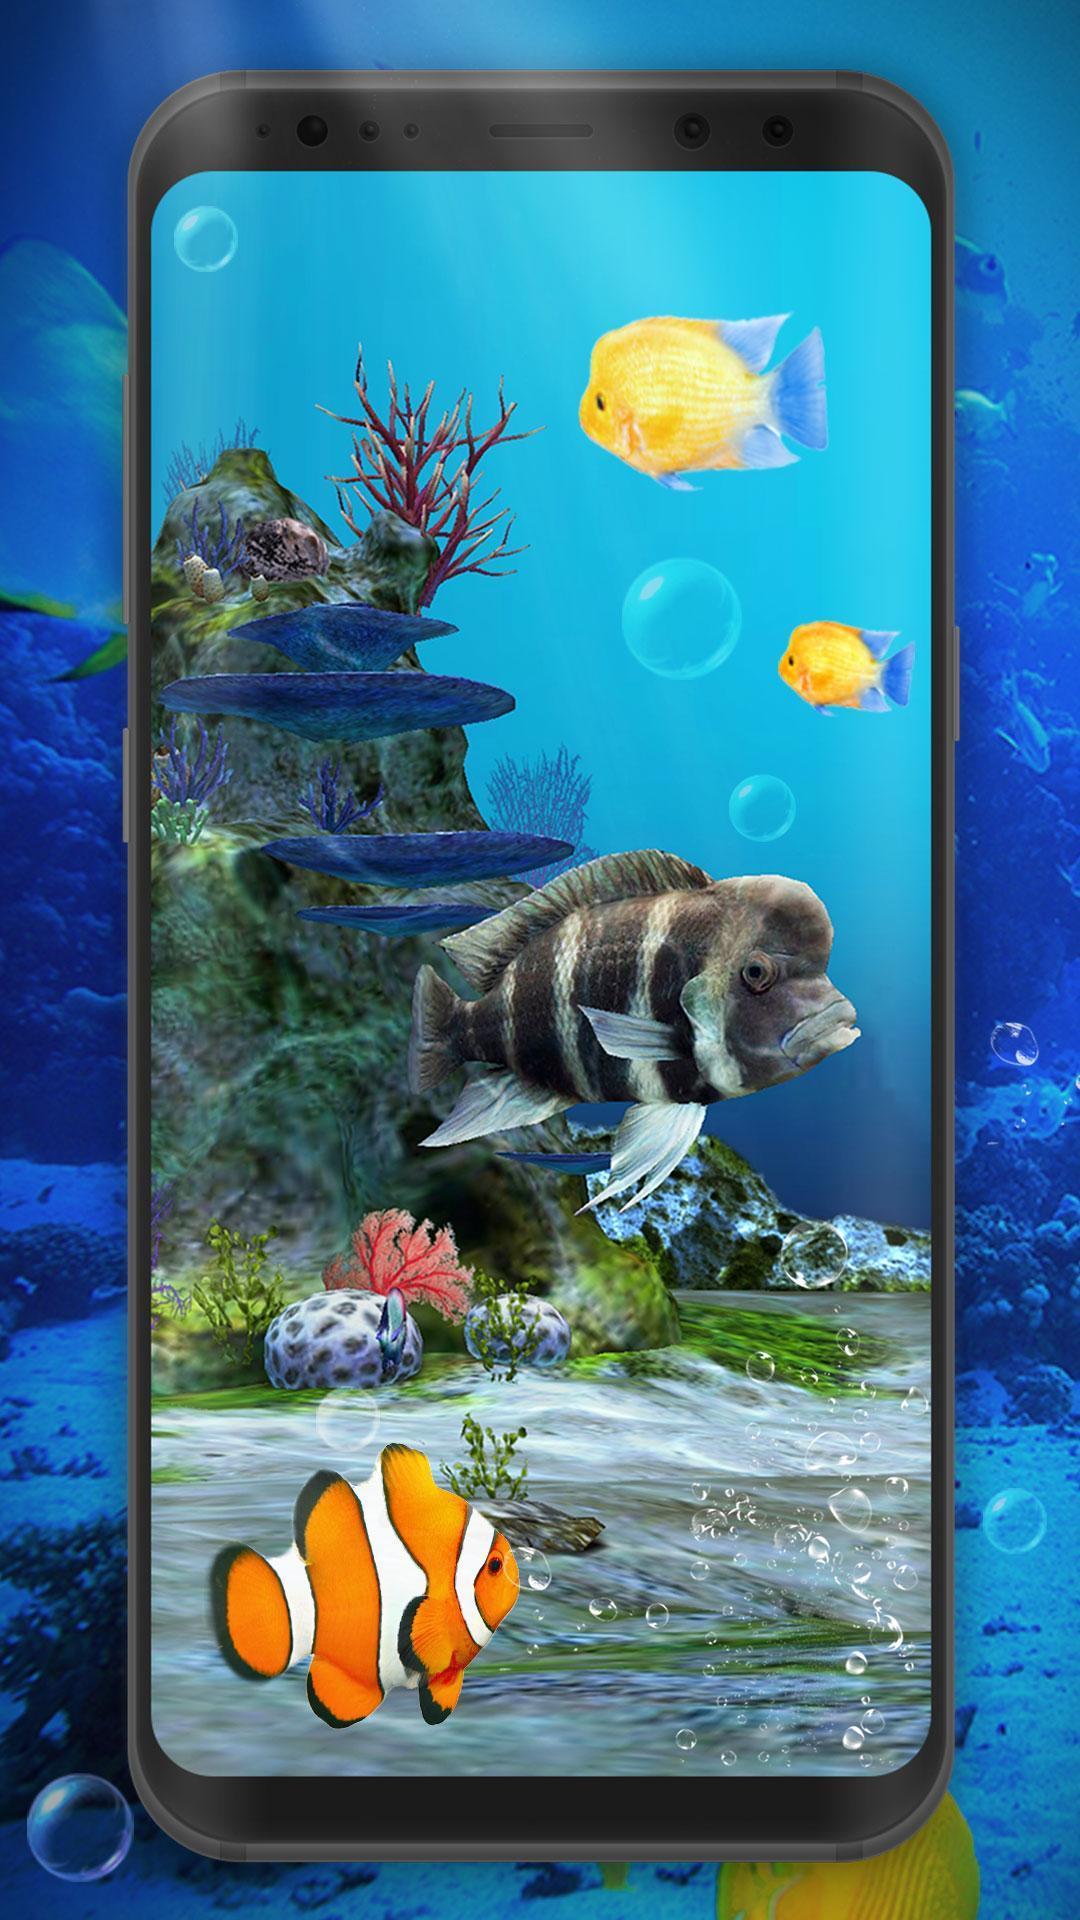 Aquarium Clown Fish Live Wallpaper 2019 For Android Apk